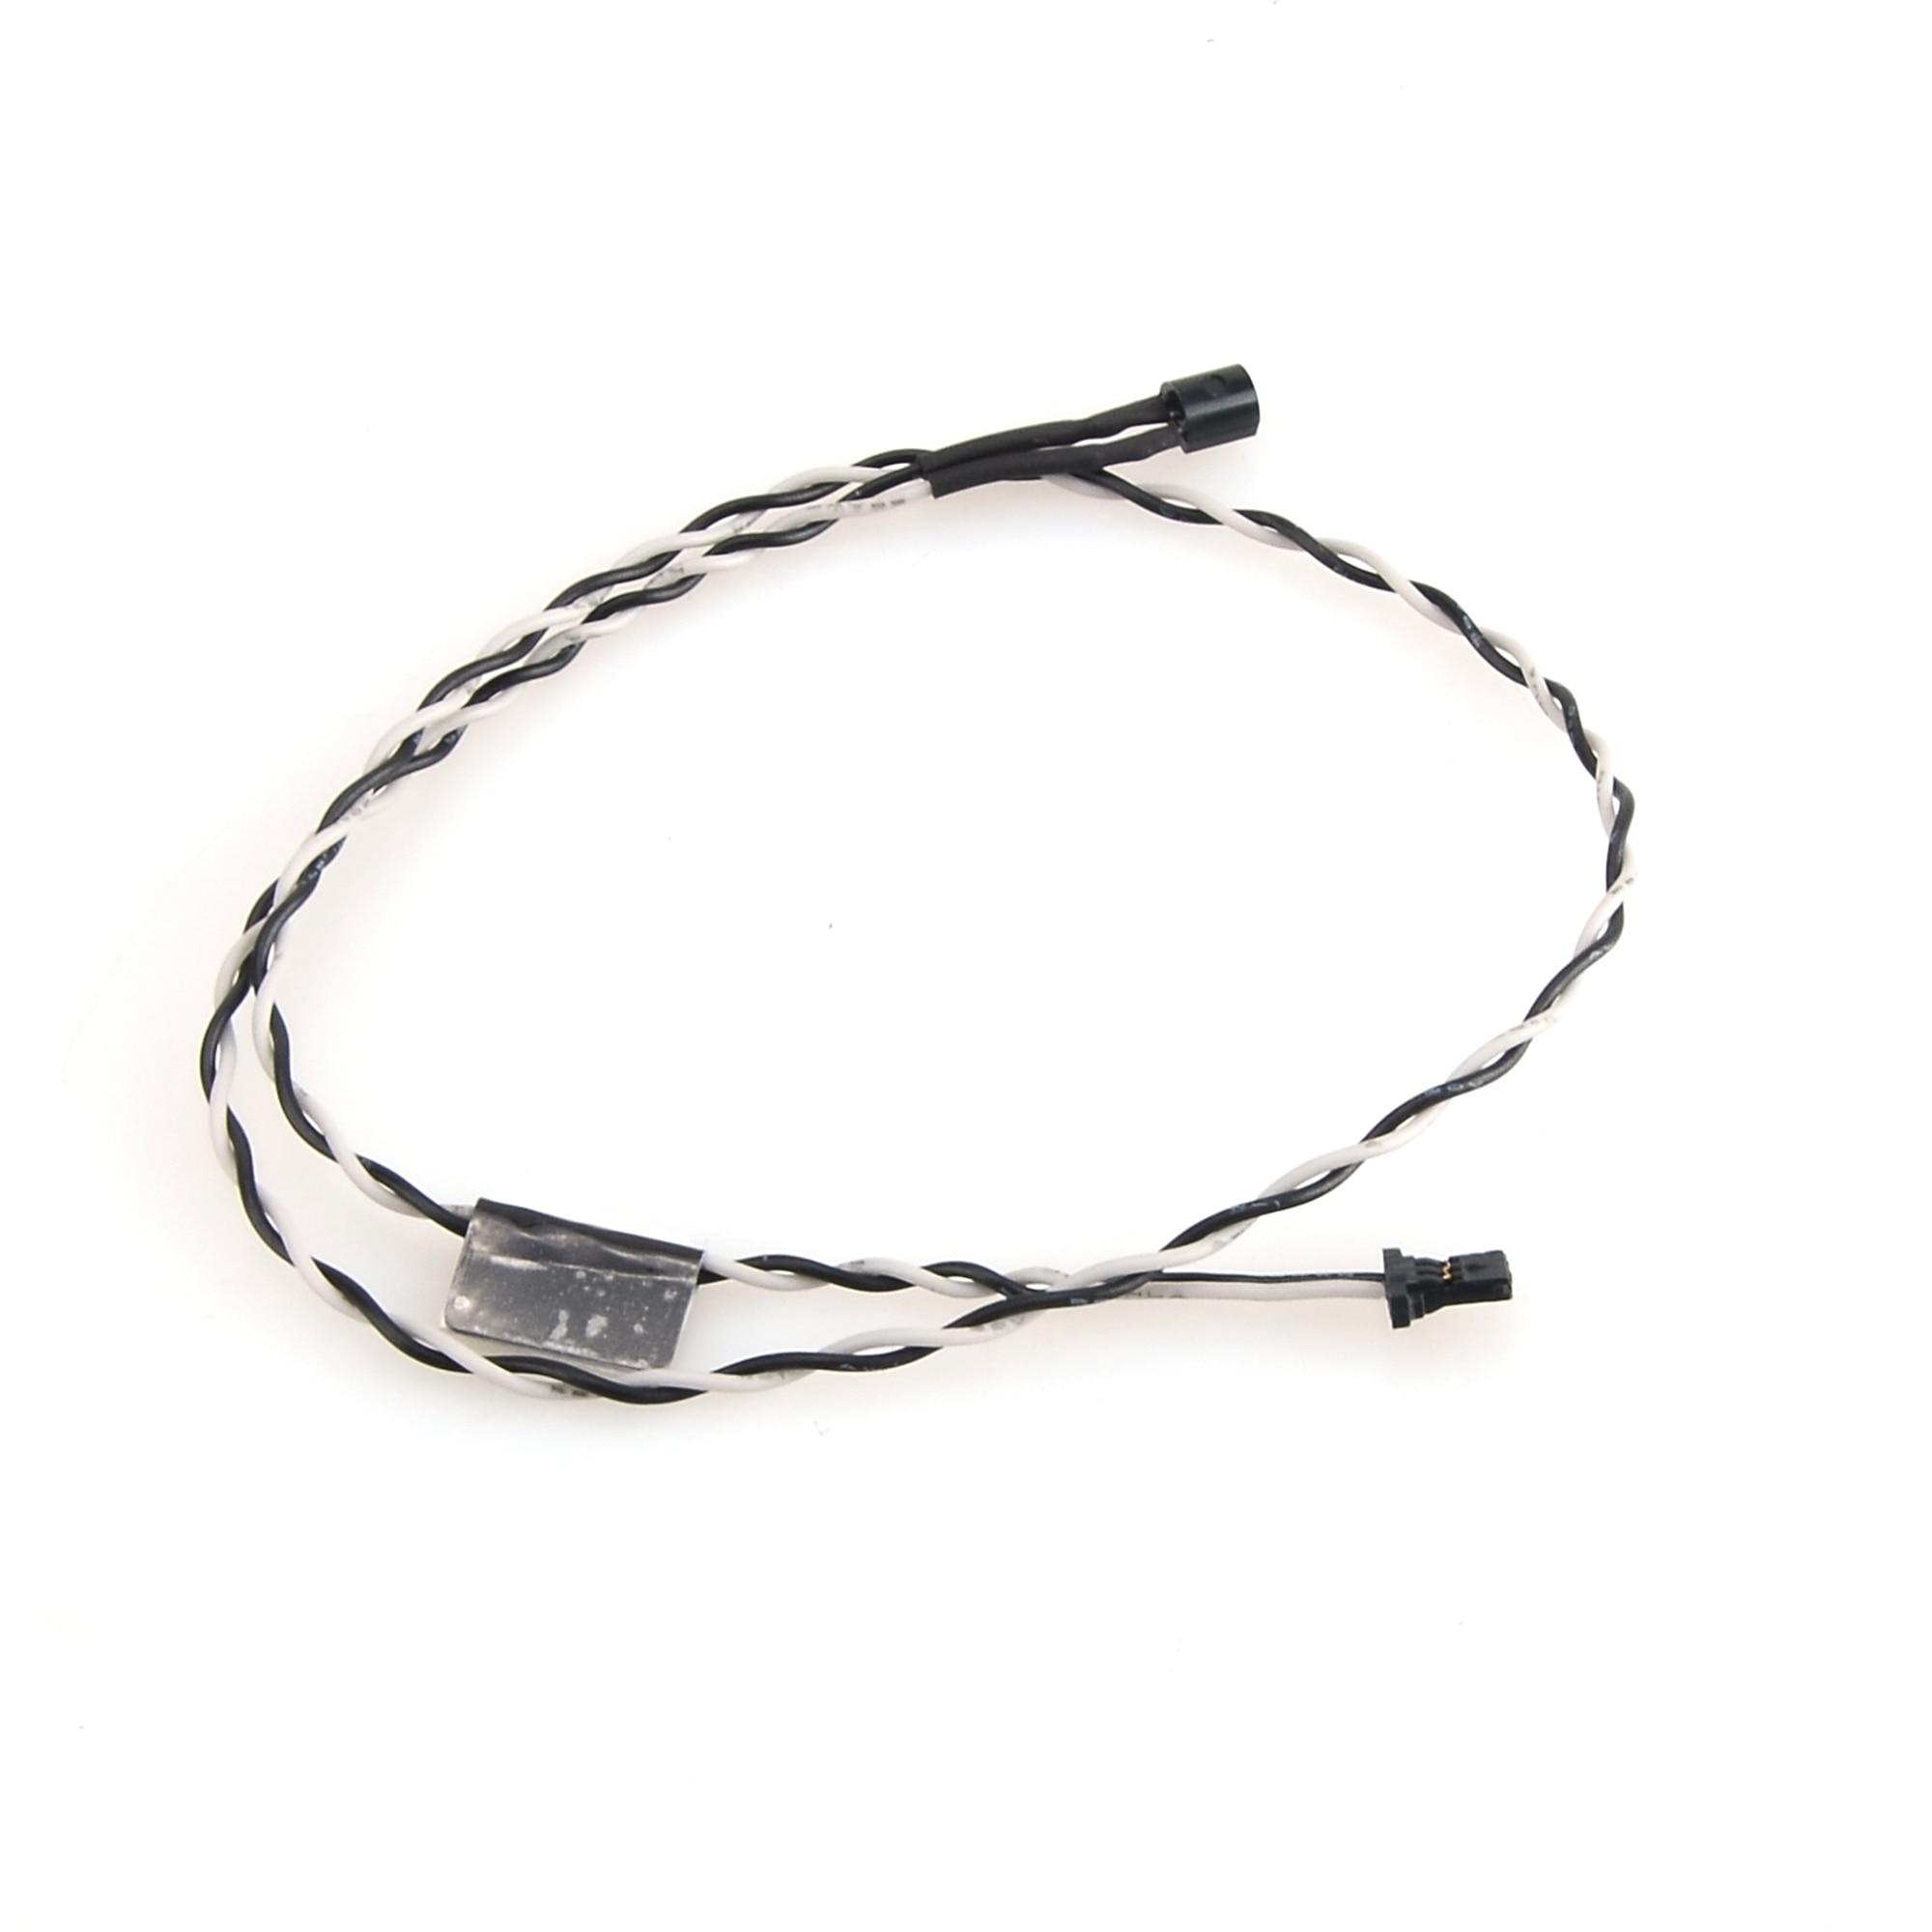 все цены на 8.28 SALE! NEW 593-1361 LCD Temp Sensor Cable for iMac A1312 Mid 2011 MC813 MC814 онлайн